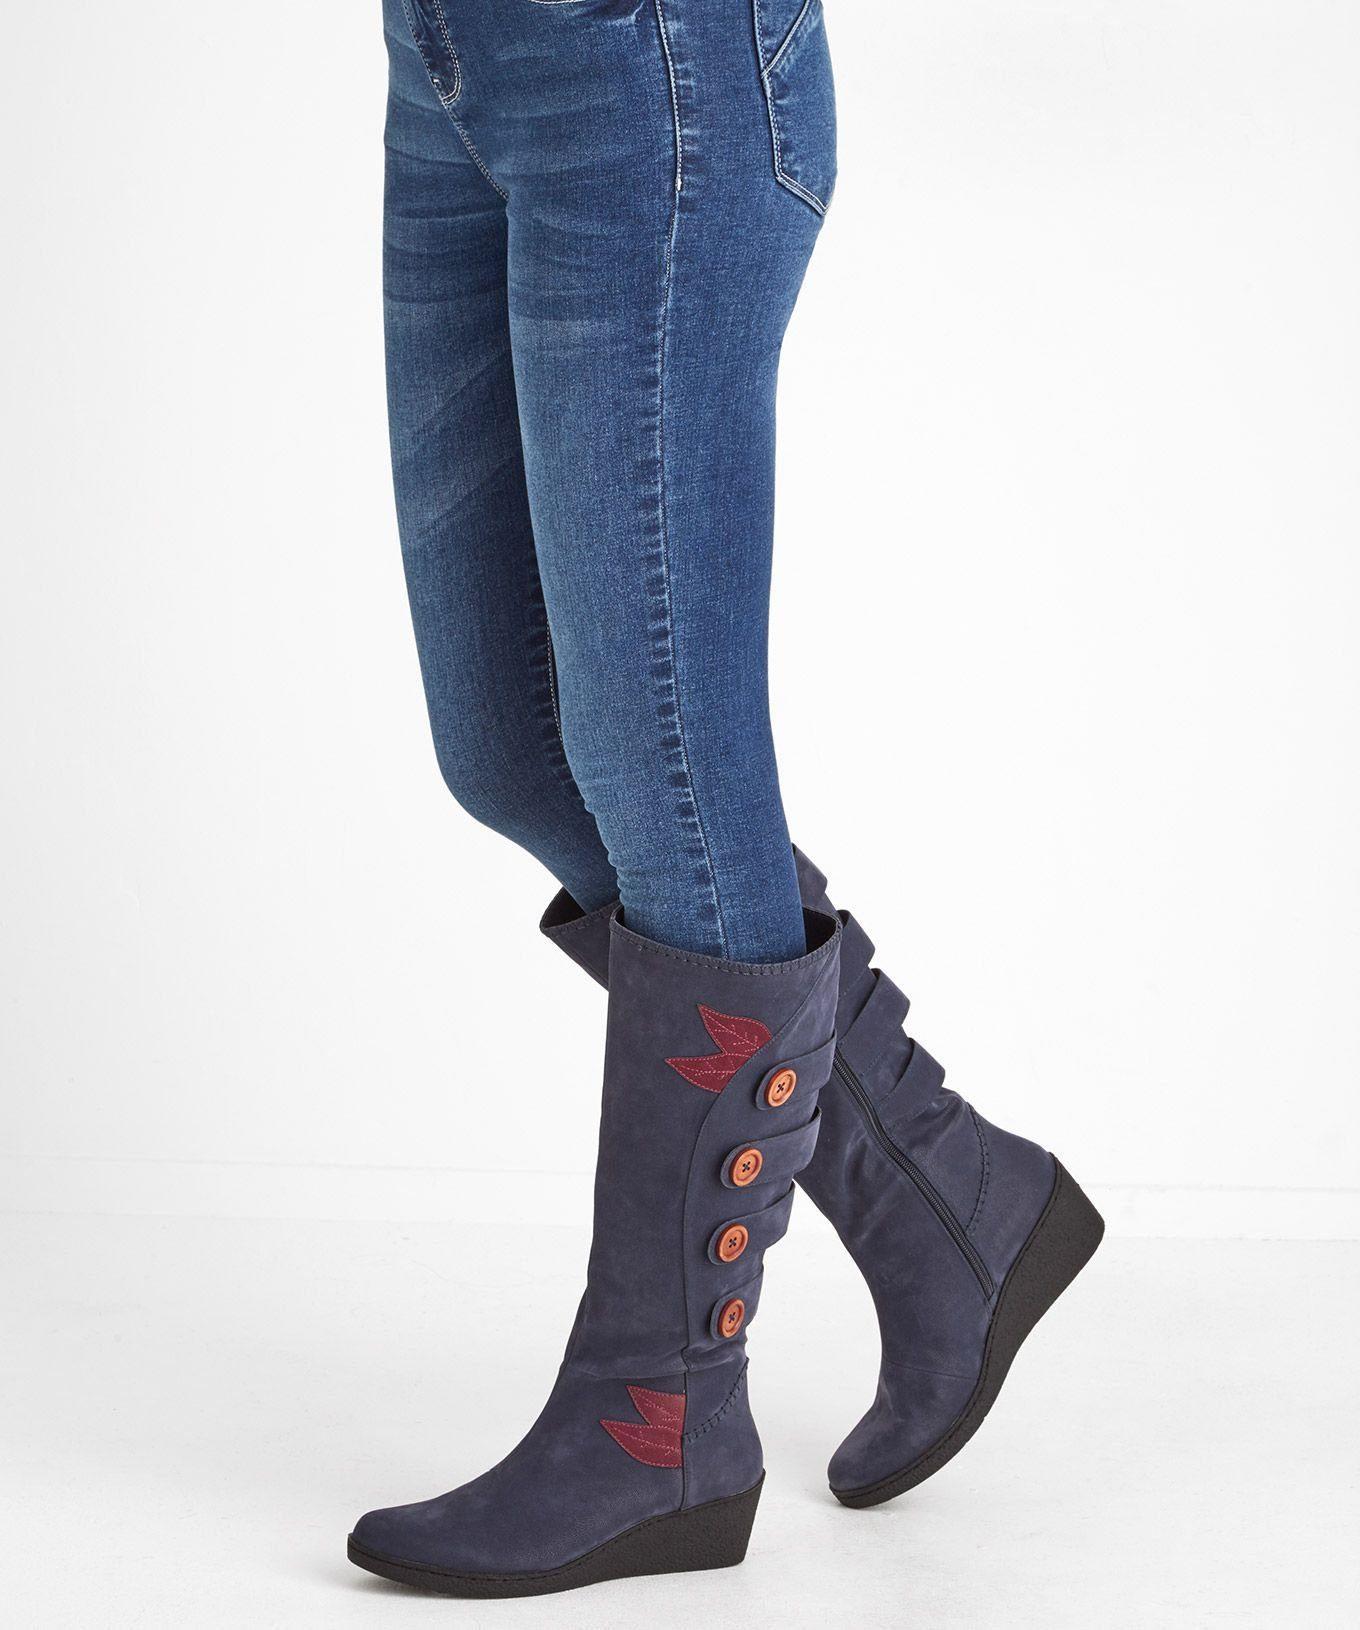 Joe Browns Stiefel online kaufen  blau